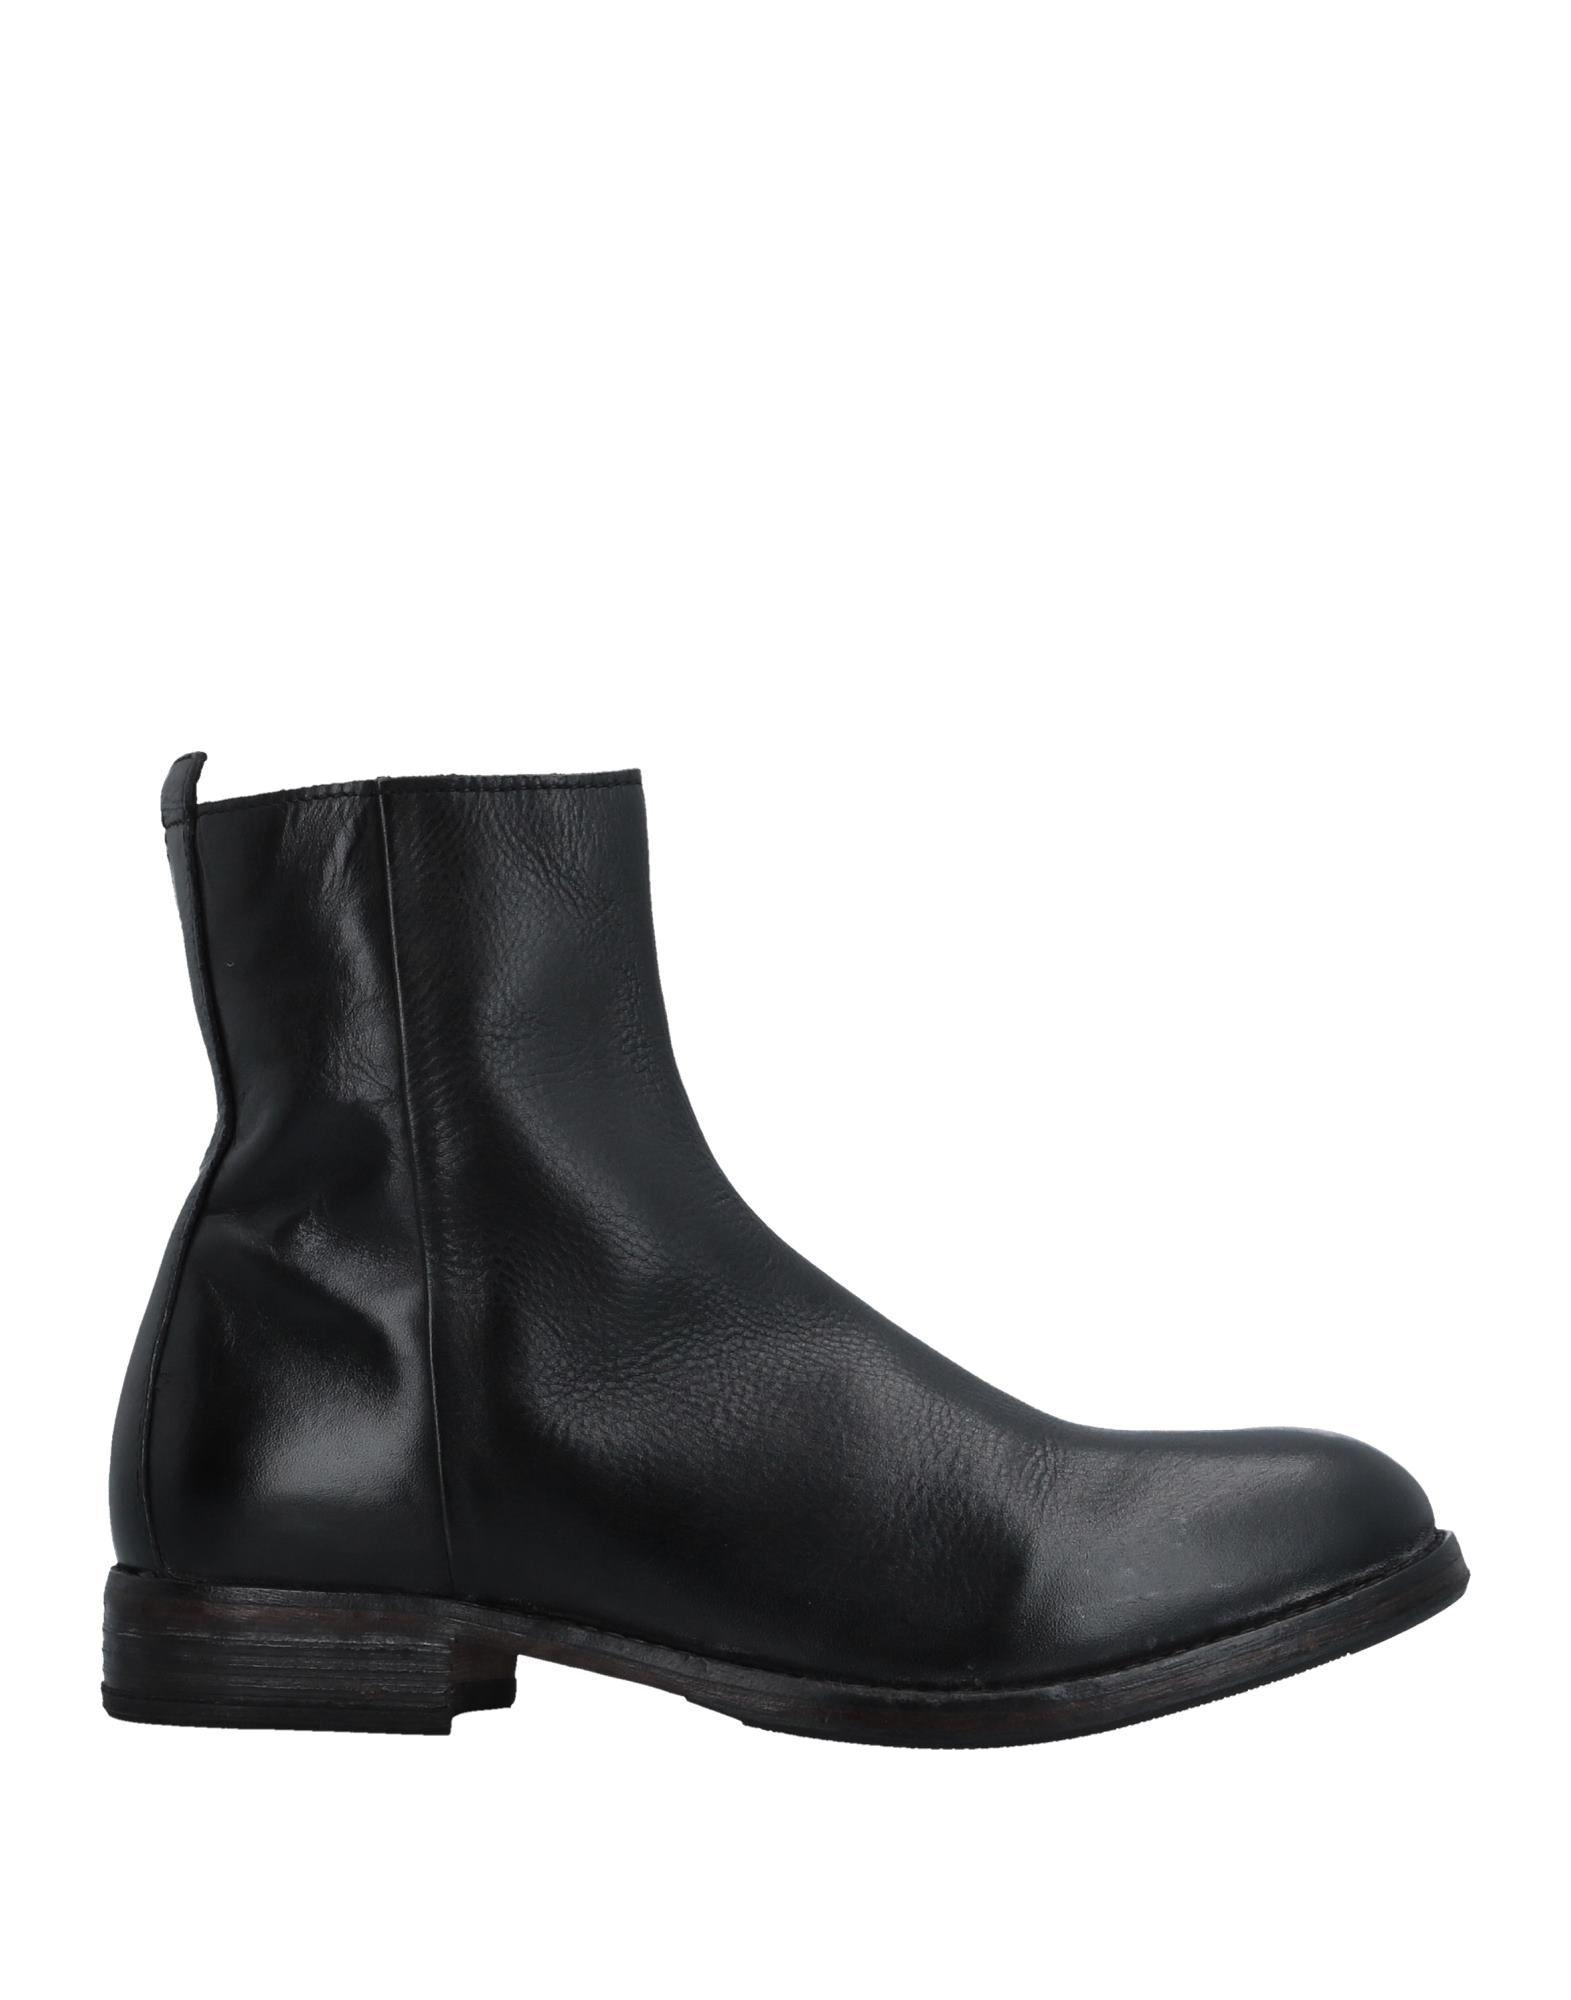 Moma Stiefelette Herren  11508715CL Gute Qualität beliebte Schuhe